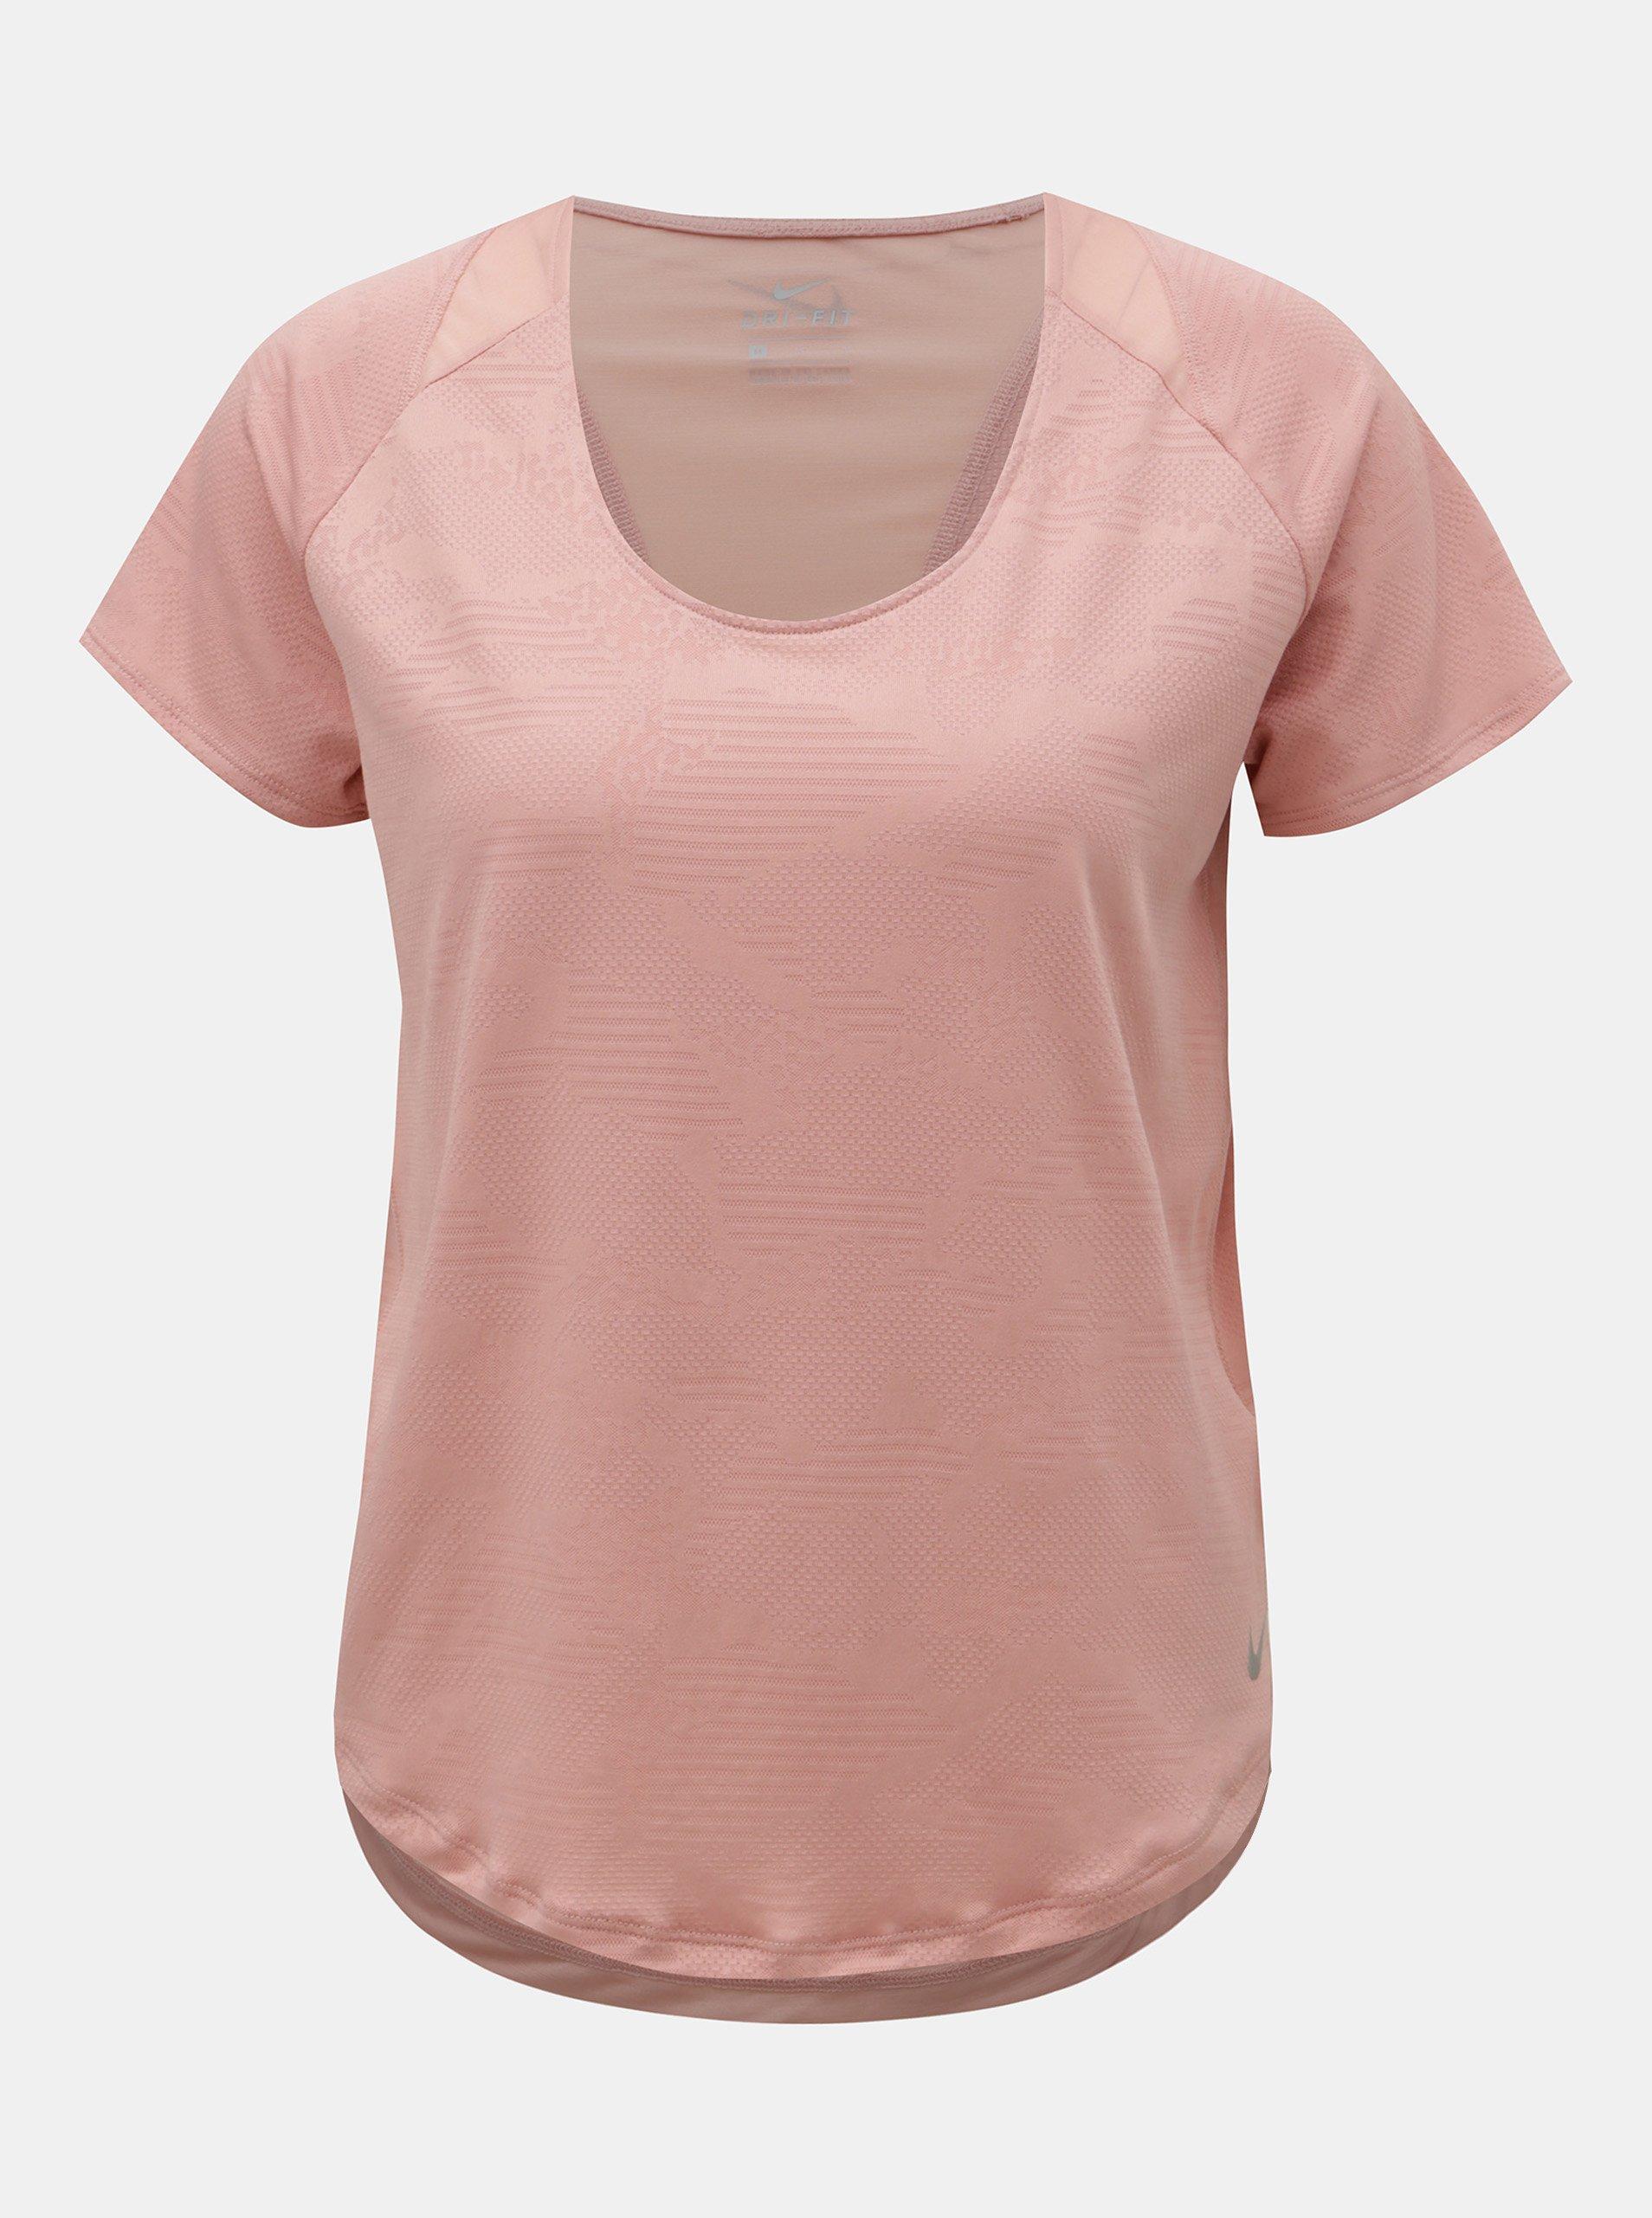 2e8f75b651e5 Ružové funkčné tričko s krátkym rukávom Nike